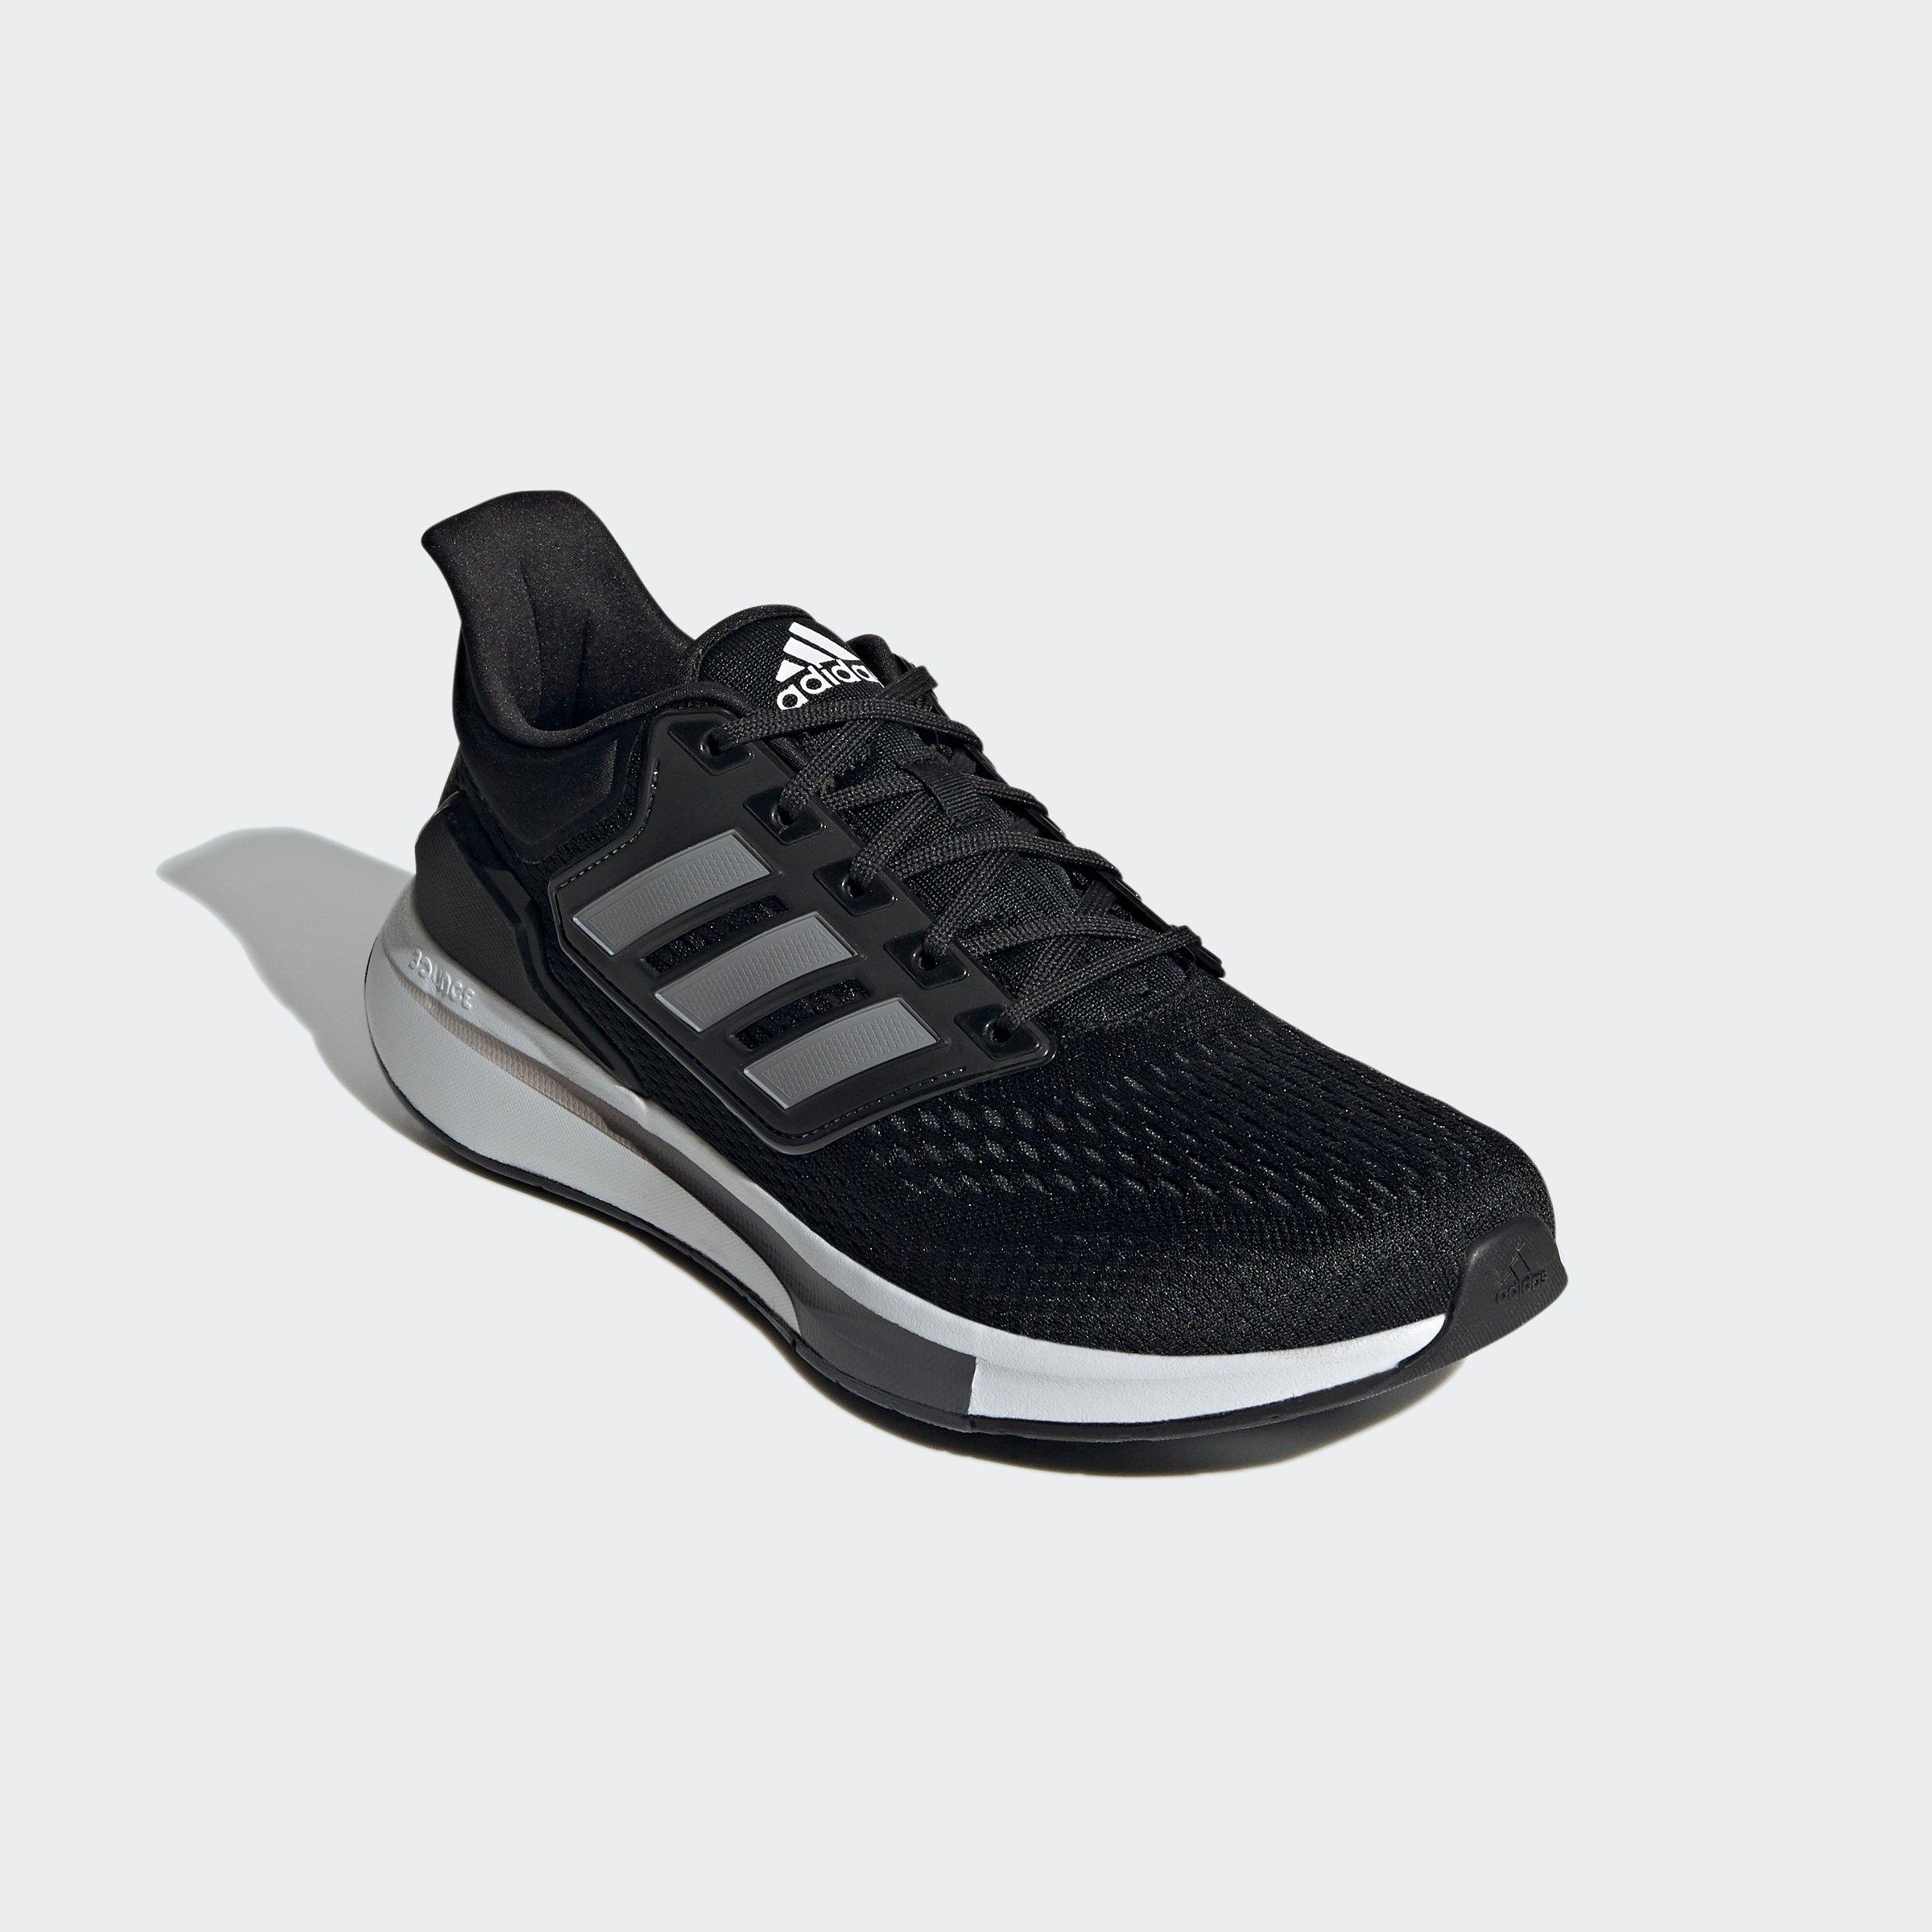 adidas runningschoenen EQ21 nu online bestellen